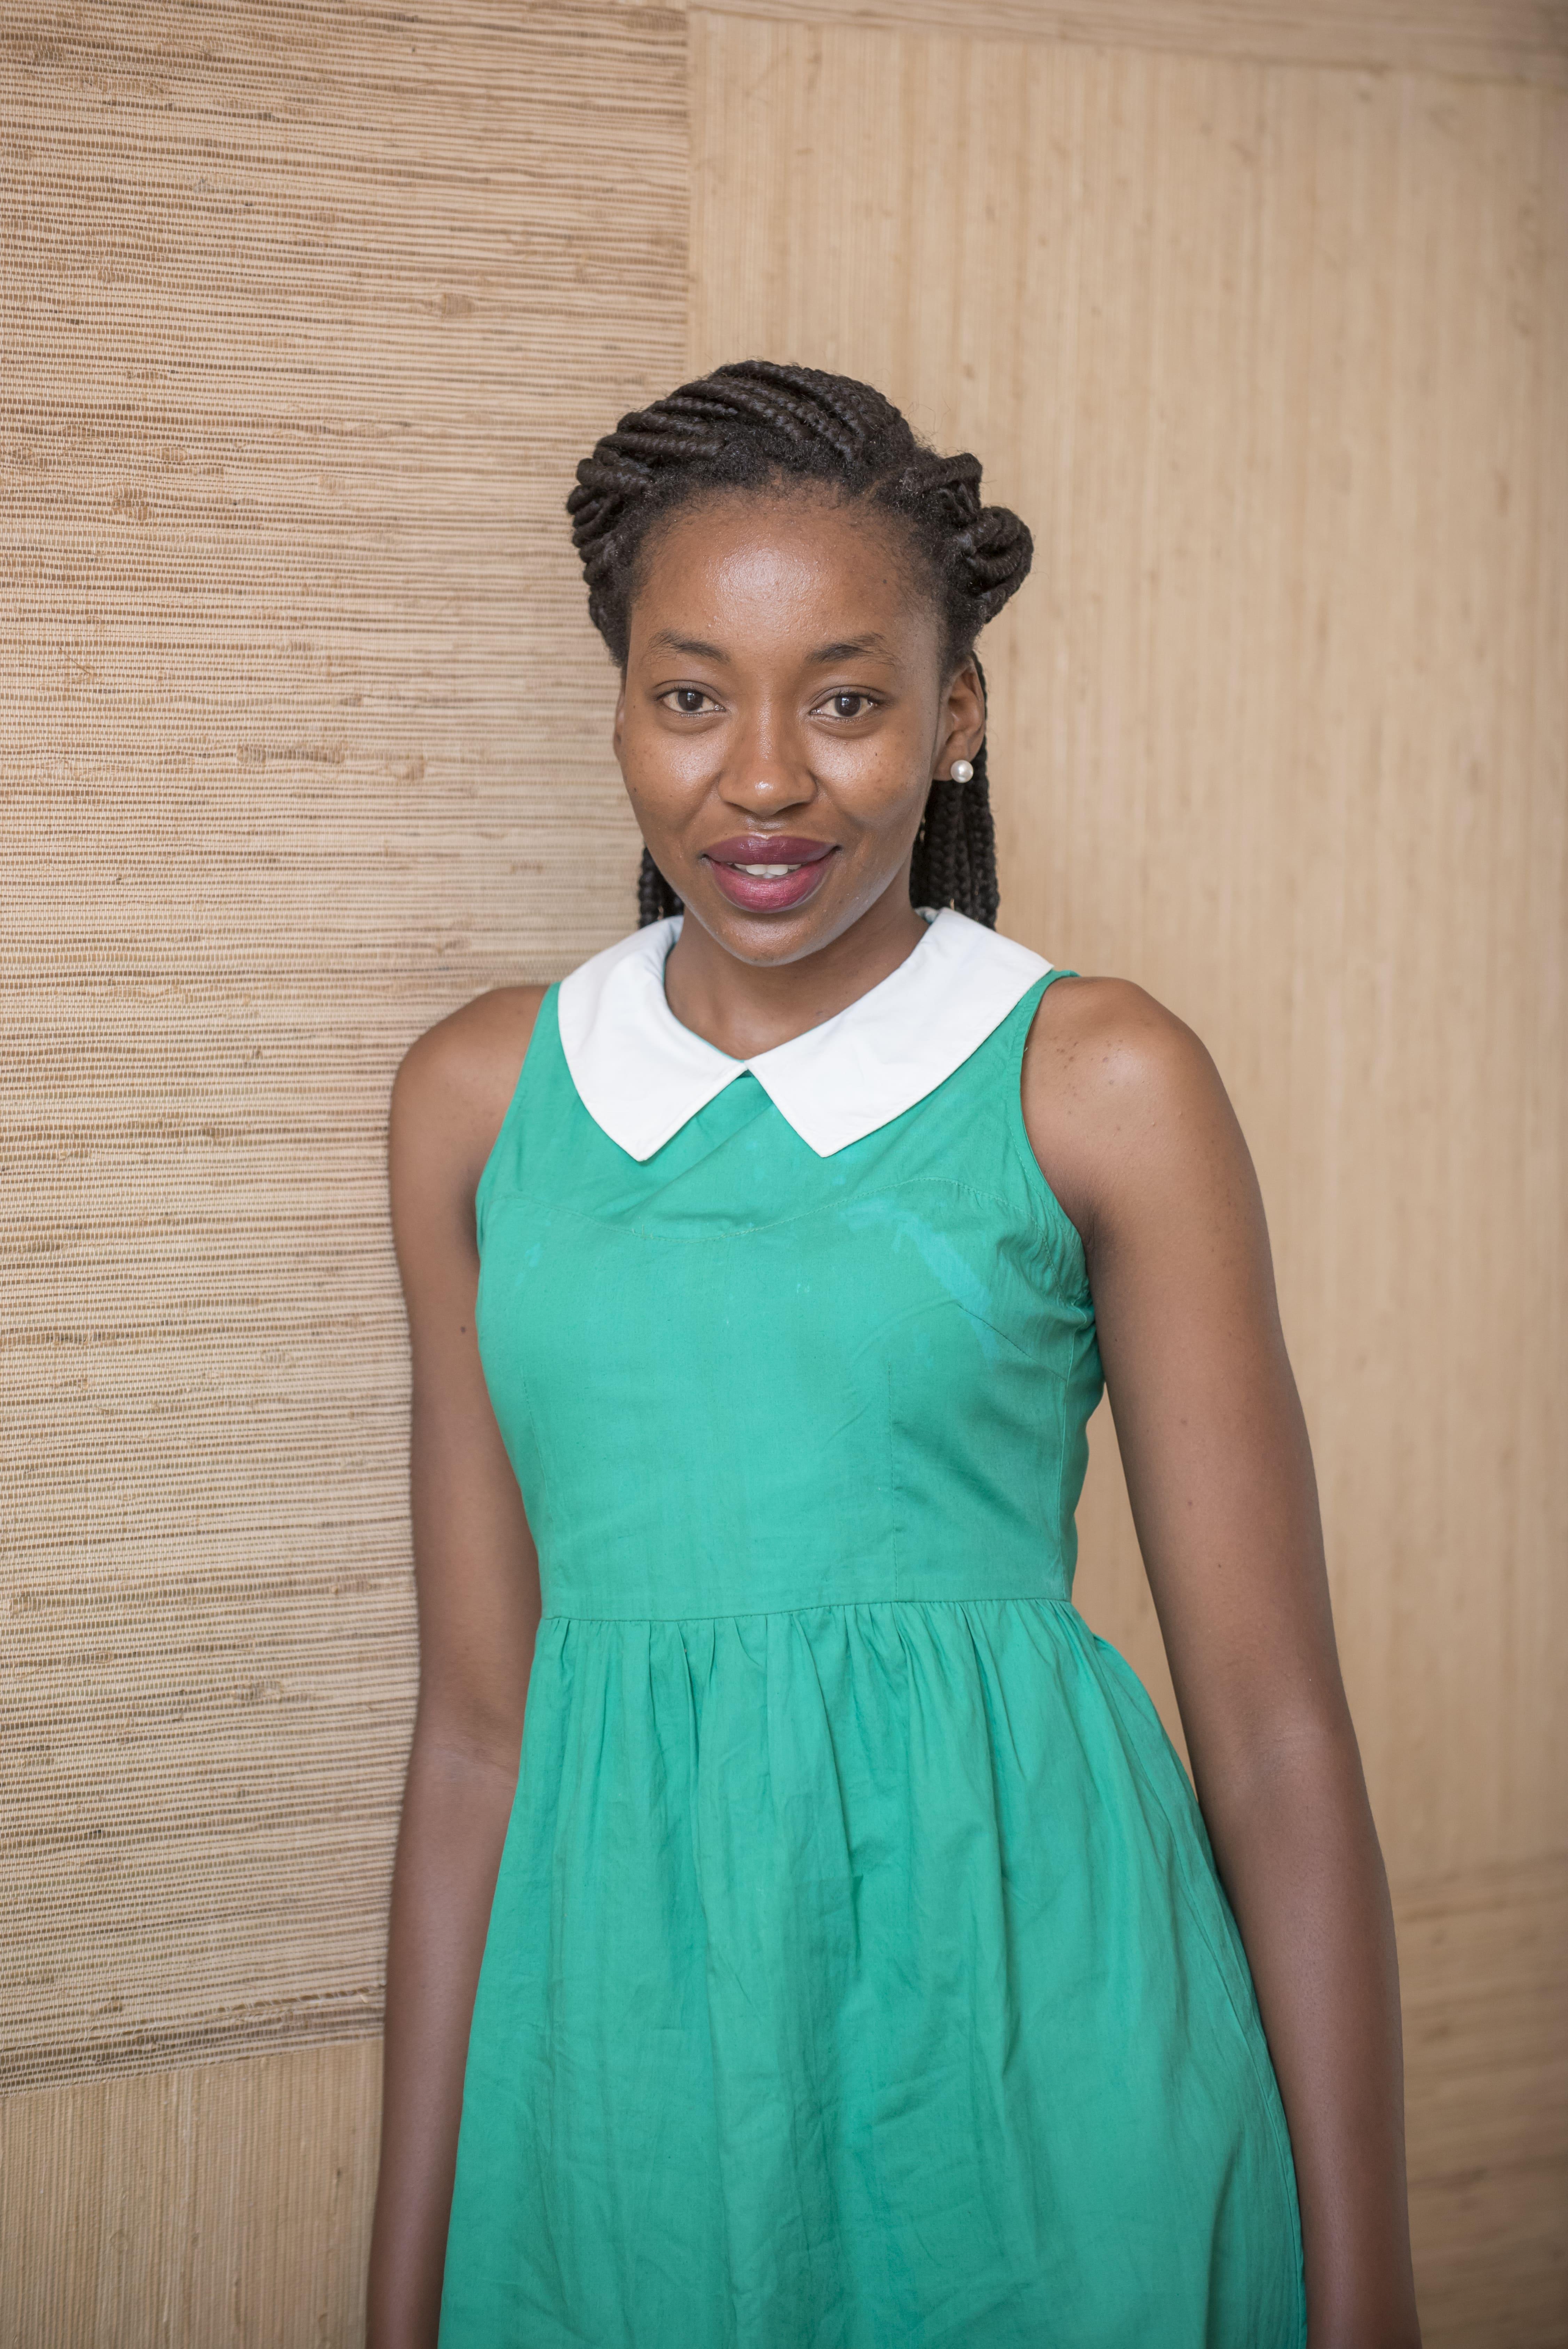 Vuyelwa Mthembu